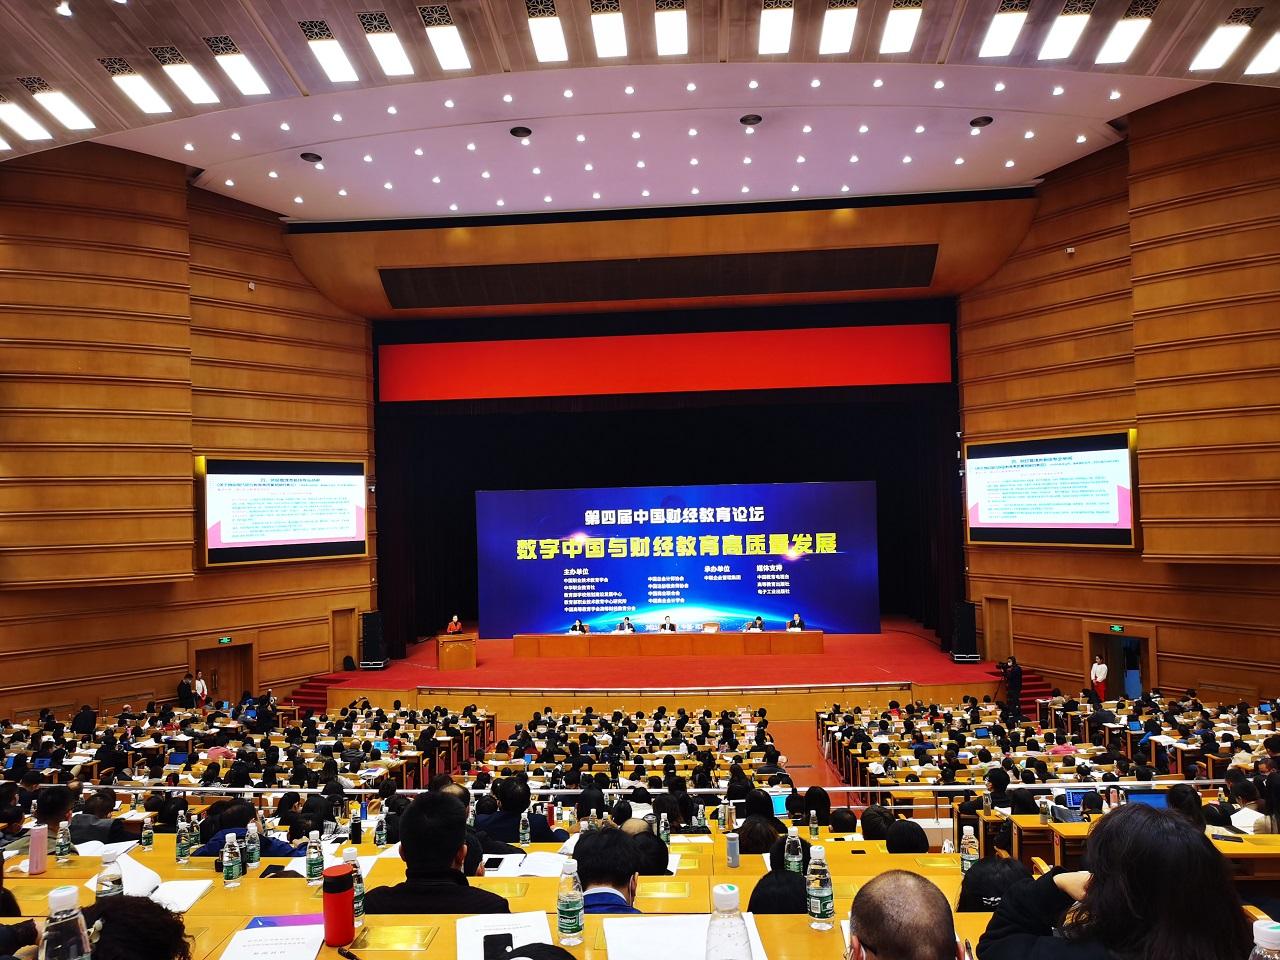 提高数字化思维,紧跟智慧财经教育发展――我校受邀参加第四届中国财经教育论坛